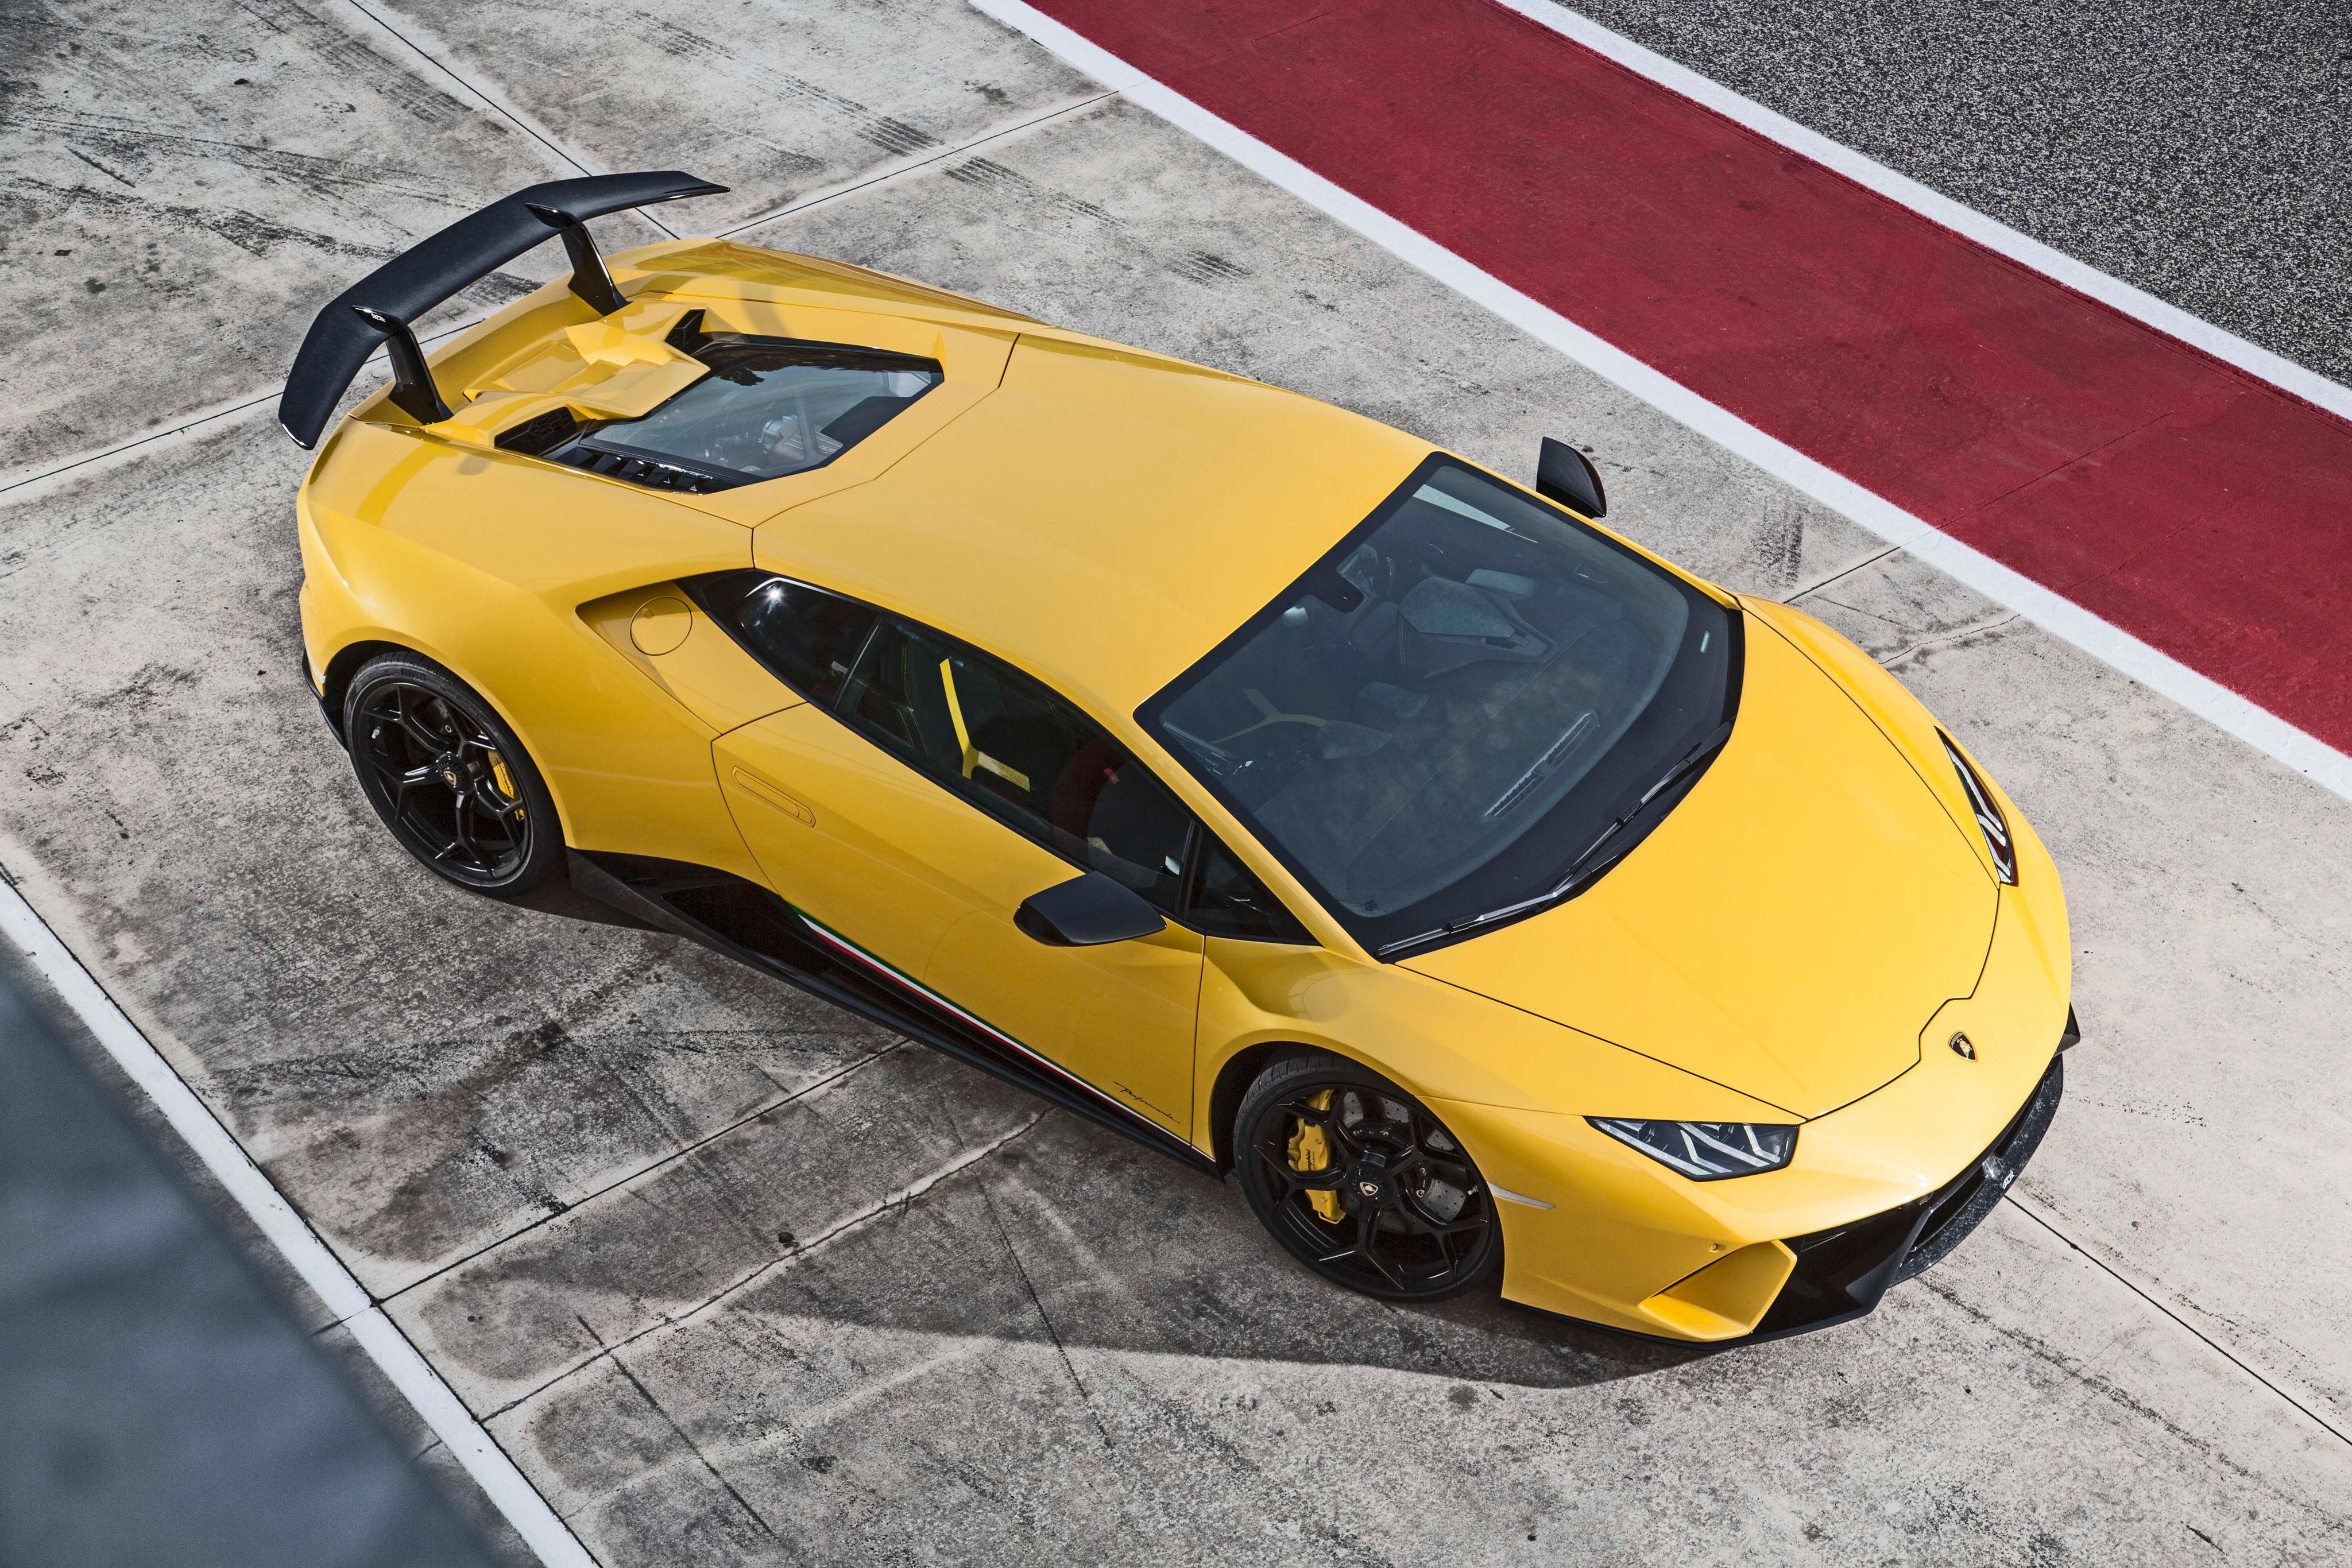 Lamborghini Huracan Performante 2018 Hd Cars 4k Wallpapers Images